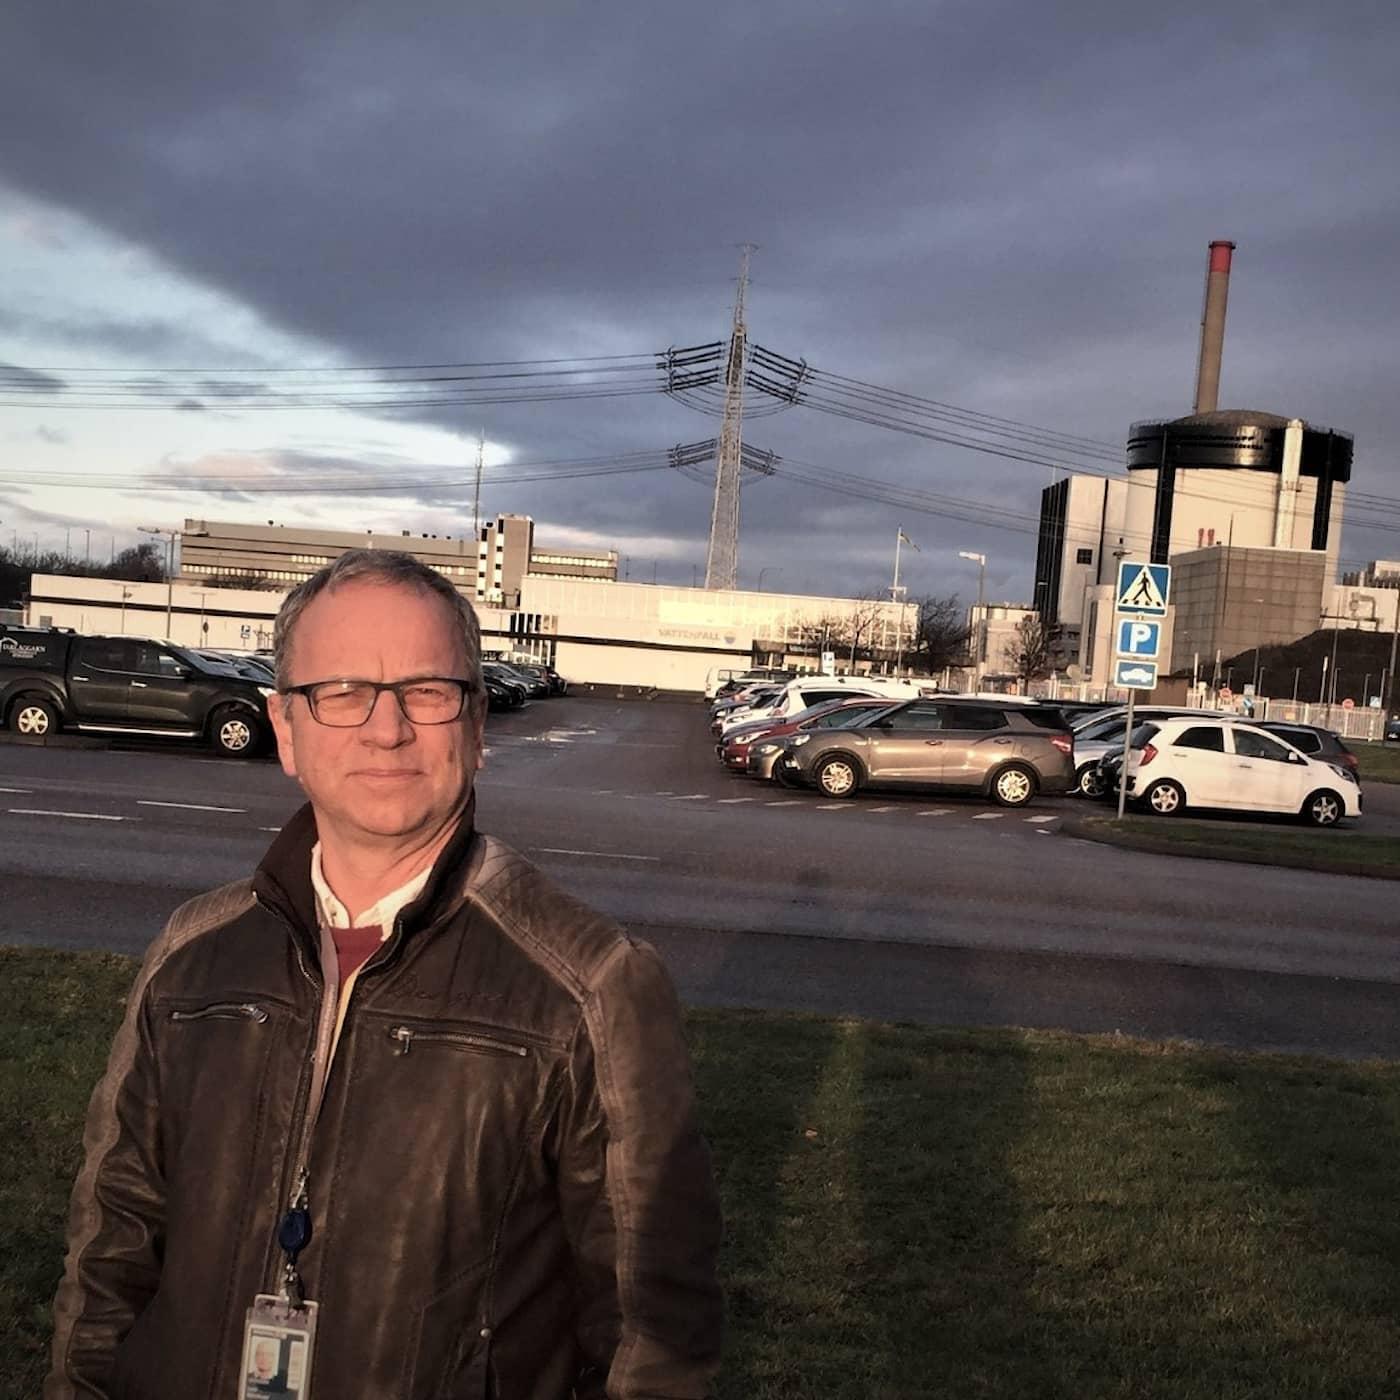 1/2. Svensk kärnkraft - Nödvändig i framtiden?